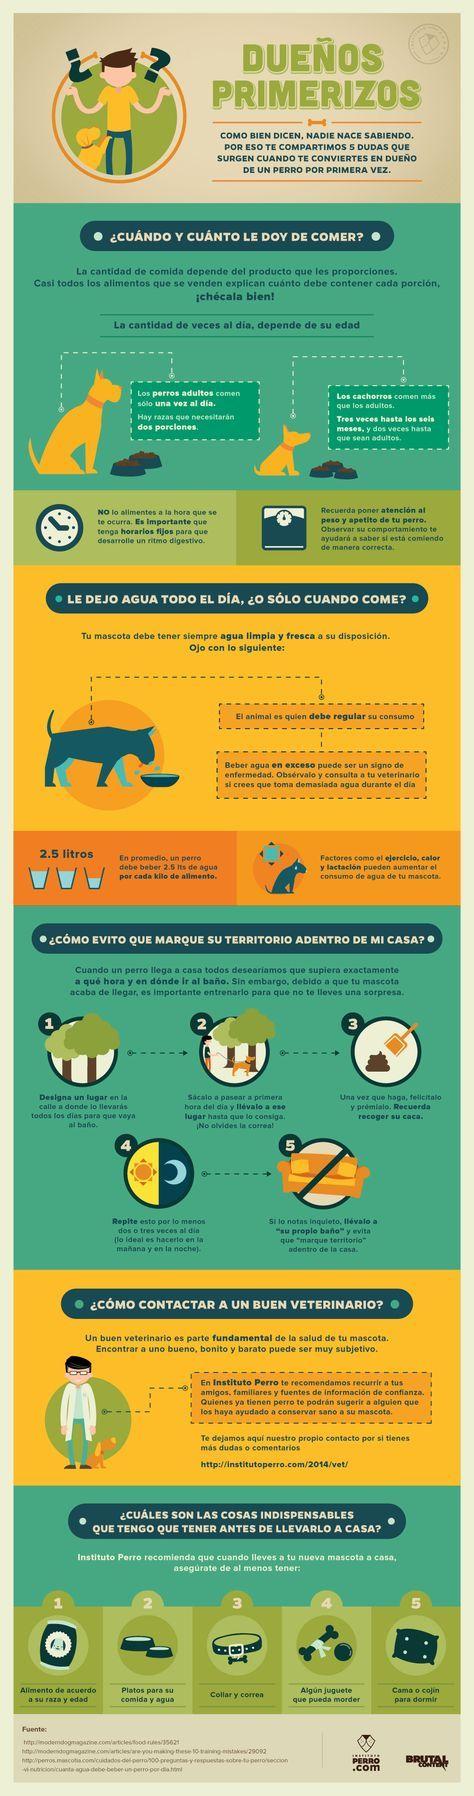 Cuidados de las mascotas domesticas